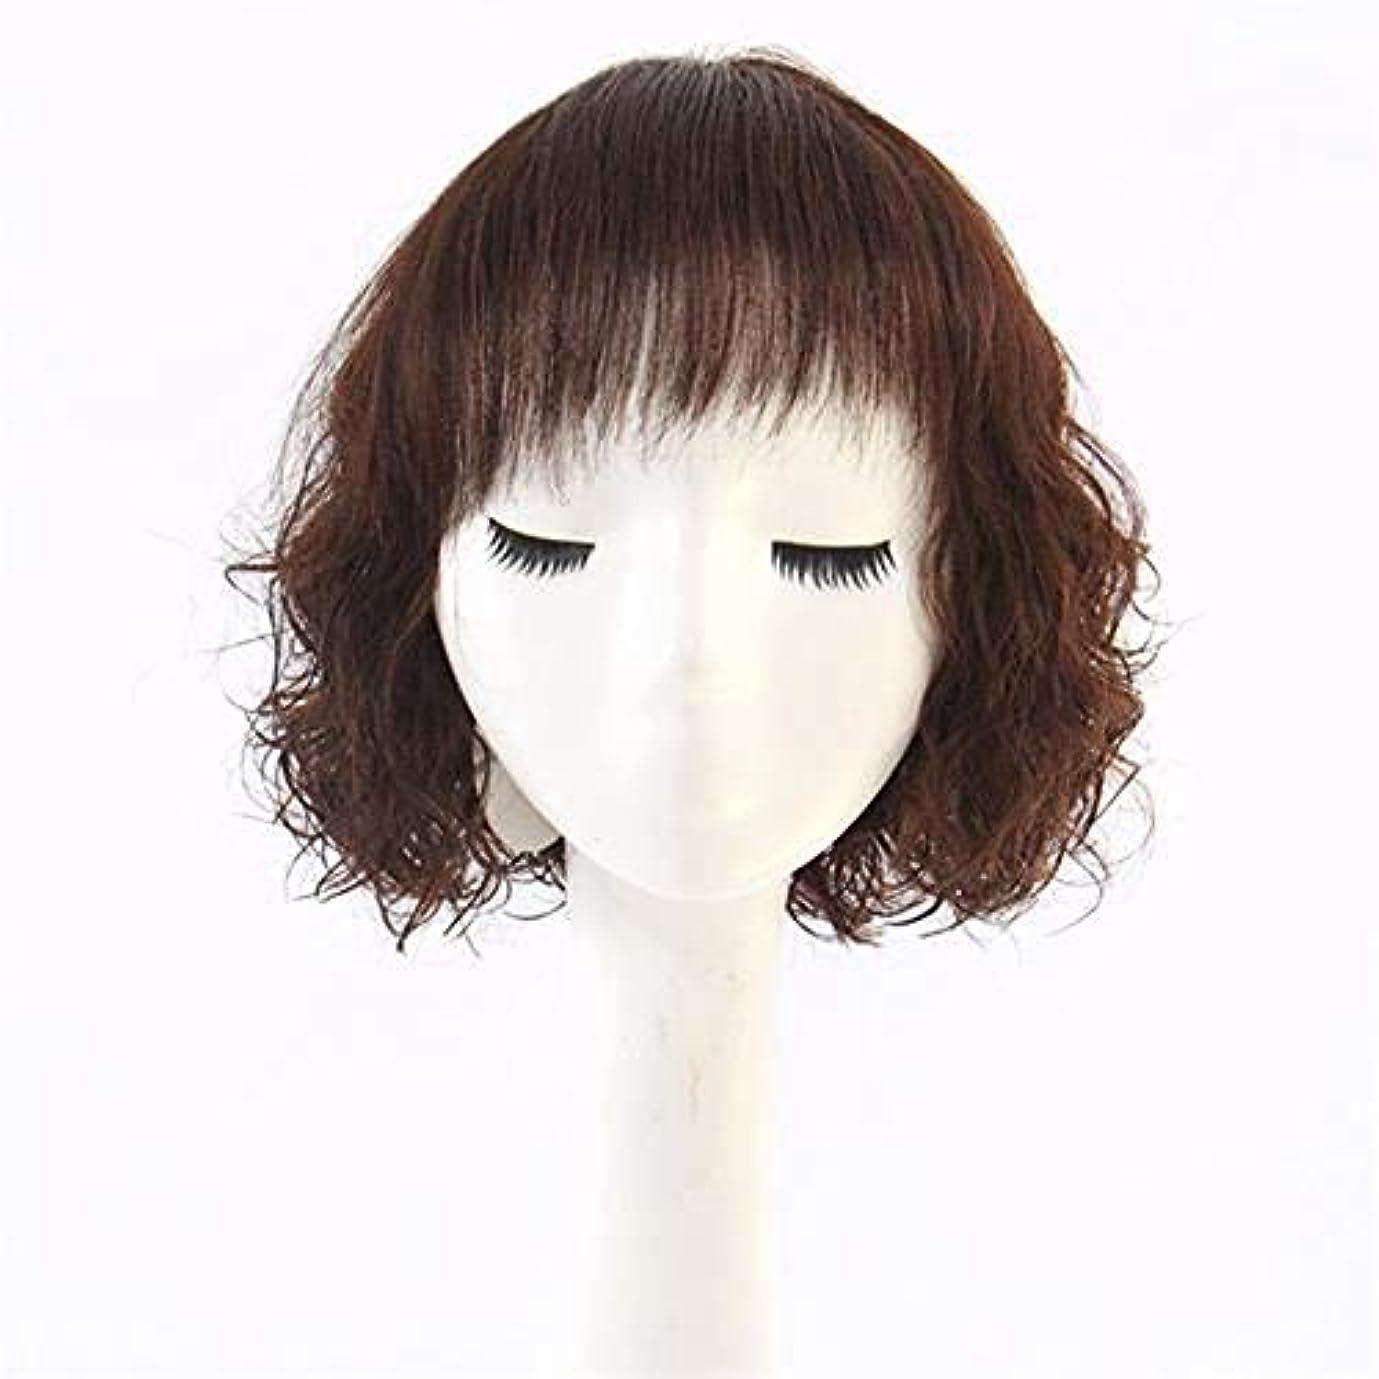 工場脚市町村YOUQIU 女子ショートカーリーボブスタイルレディースの高品質のファッションチャーミング本物の人間の髪の毛のかつらウィッグ (色 : Natural color)